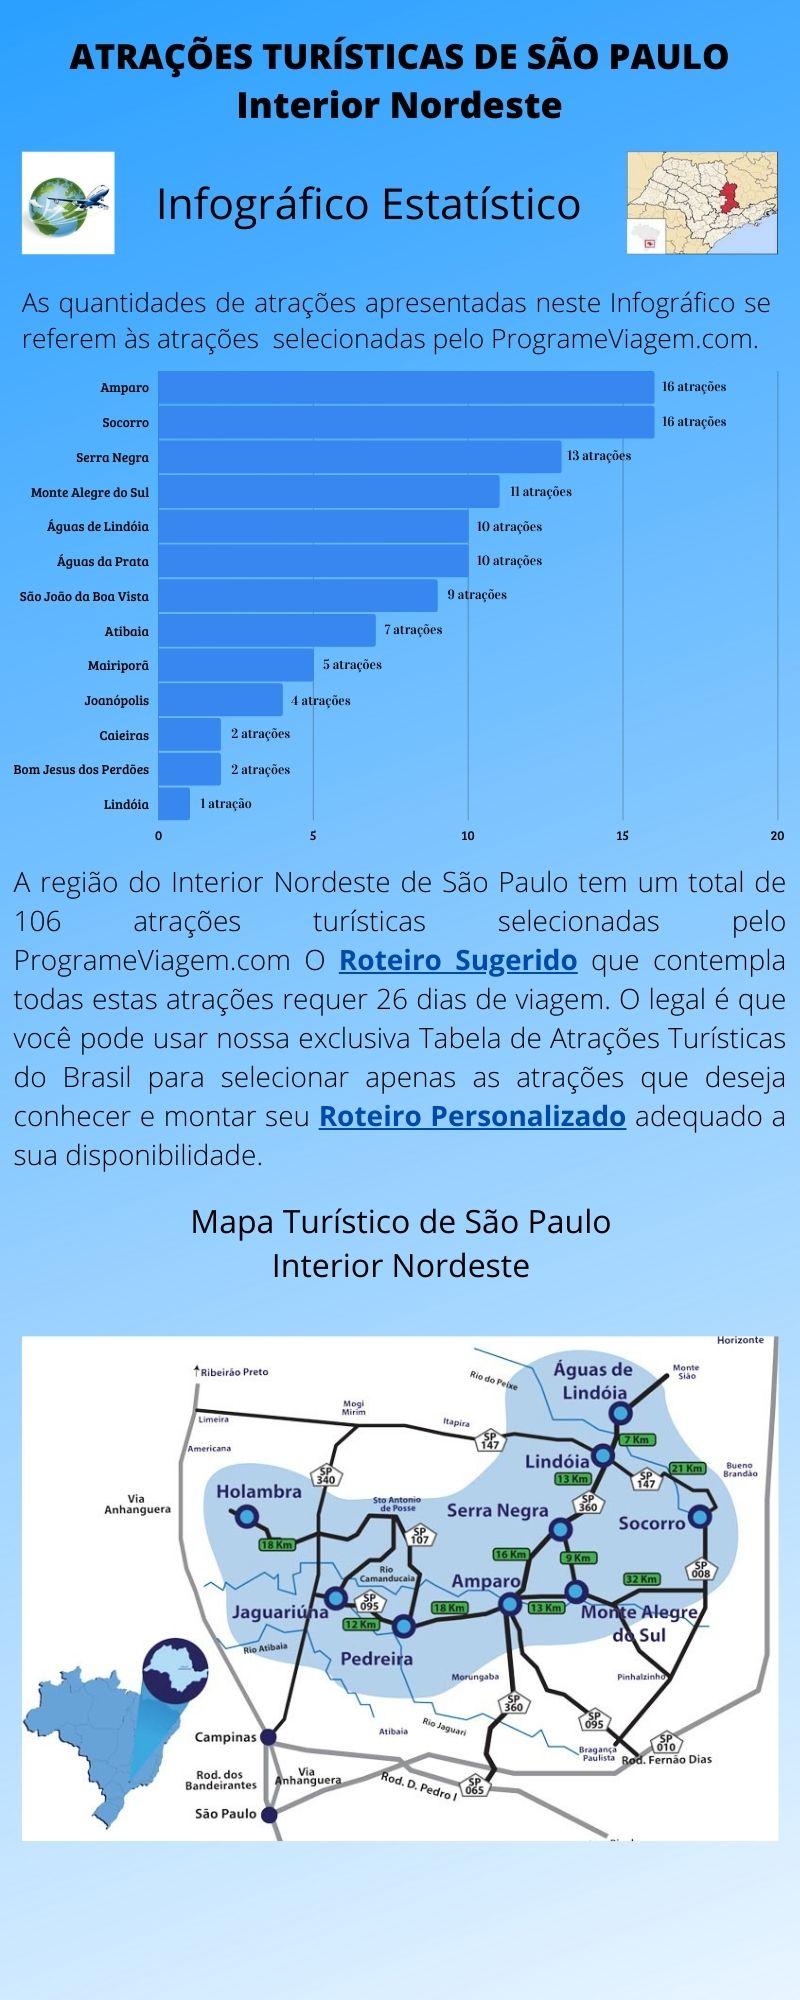 Infográfico Atrações Turísticas de São Paulo (Interior Nordeste)